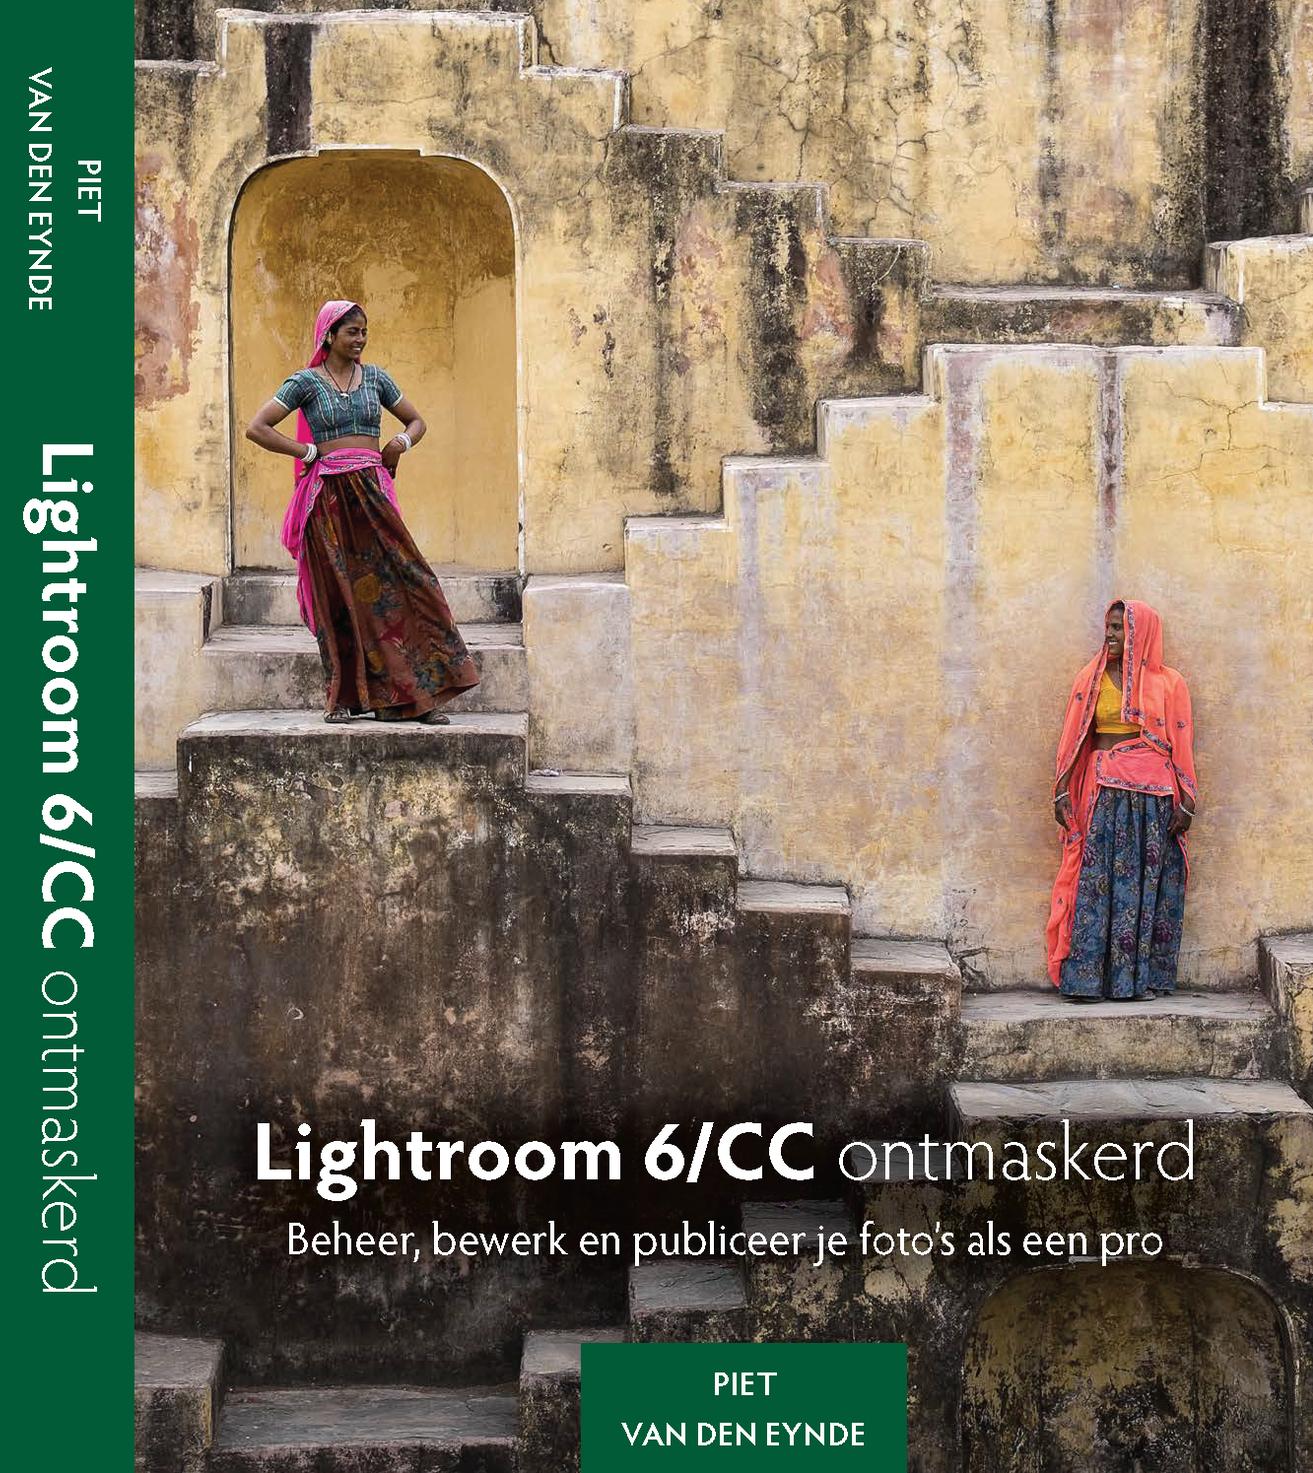 yHnXDj-v3_lightroomCC_6_cover.png